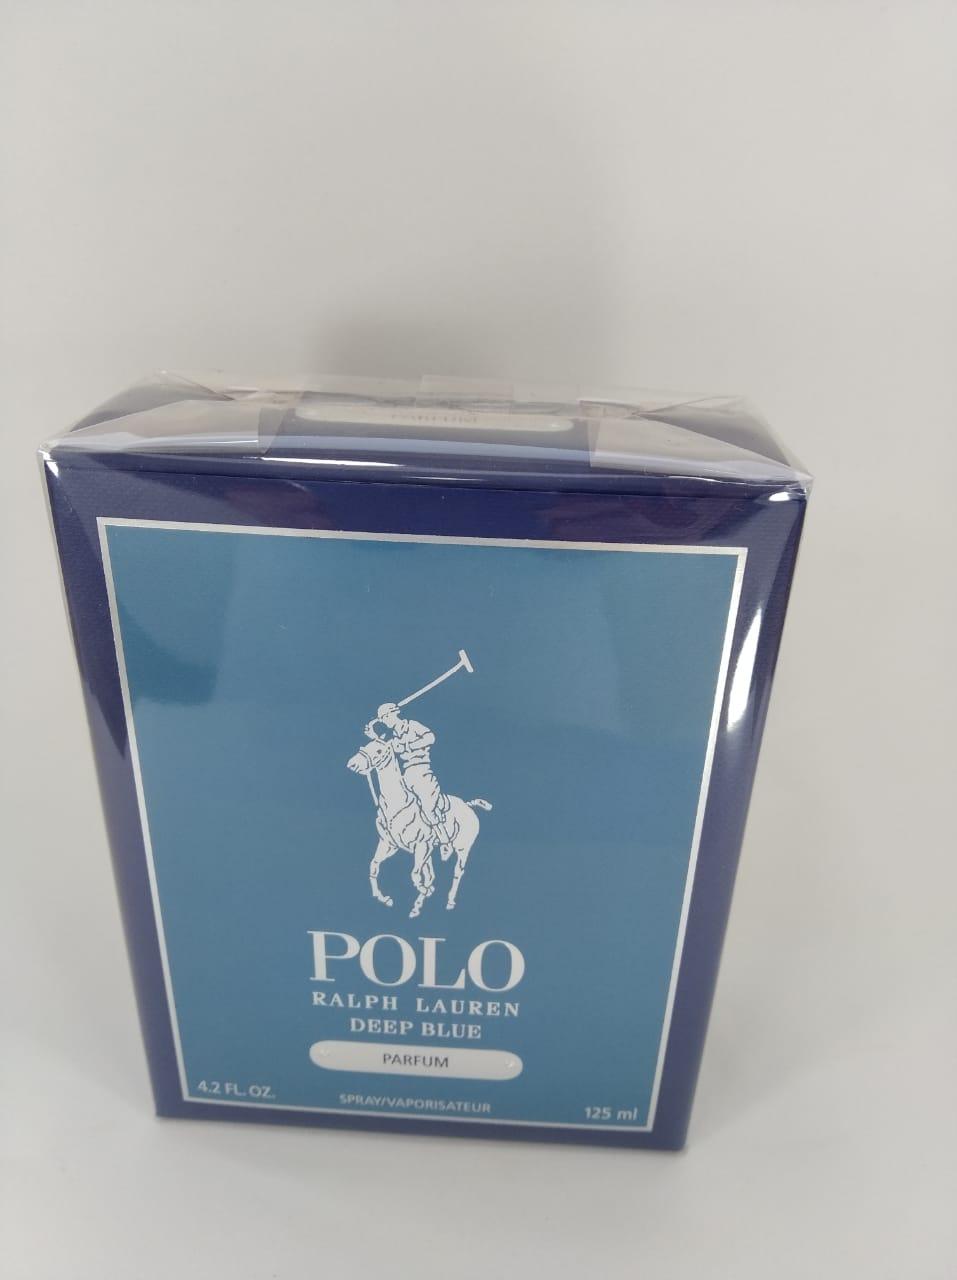 Polo Deep Blue Ralph Lauren Parfum 125ml